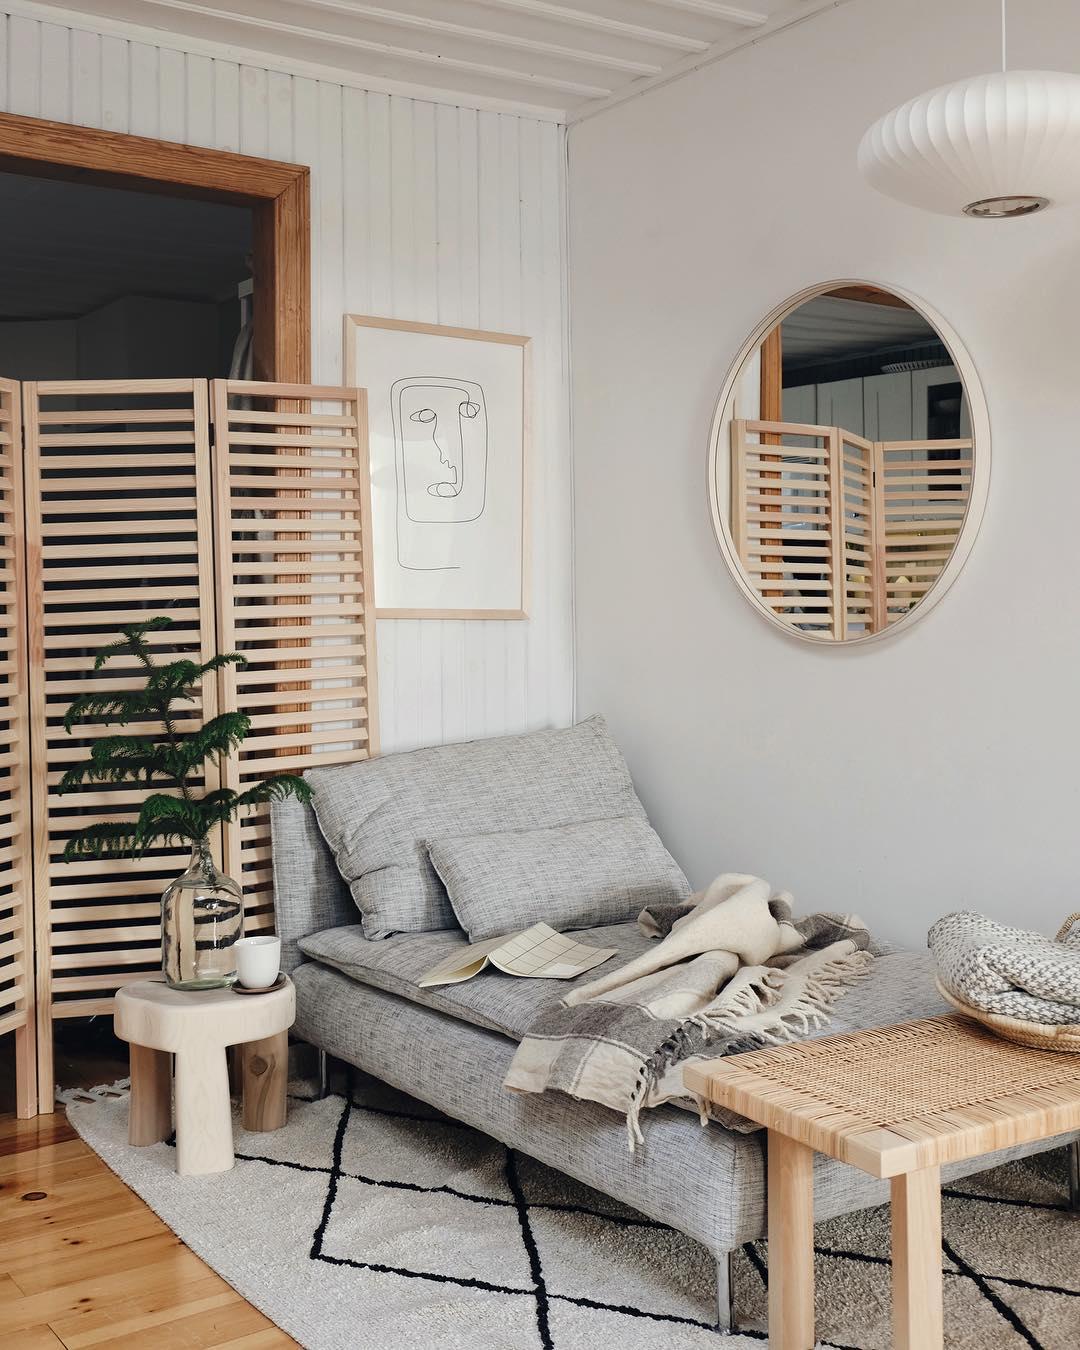 ミニマリストになるにはあえてソーデルハムンの寝椅子一択!ソファ兼ベッドで抜群の快適さを!